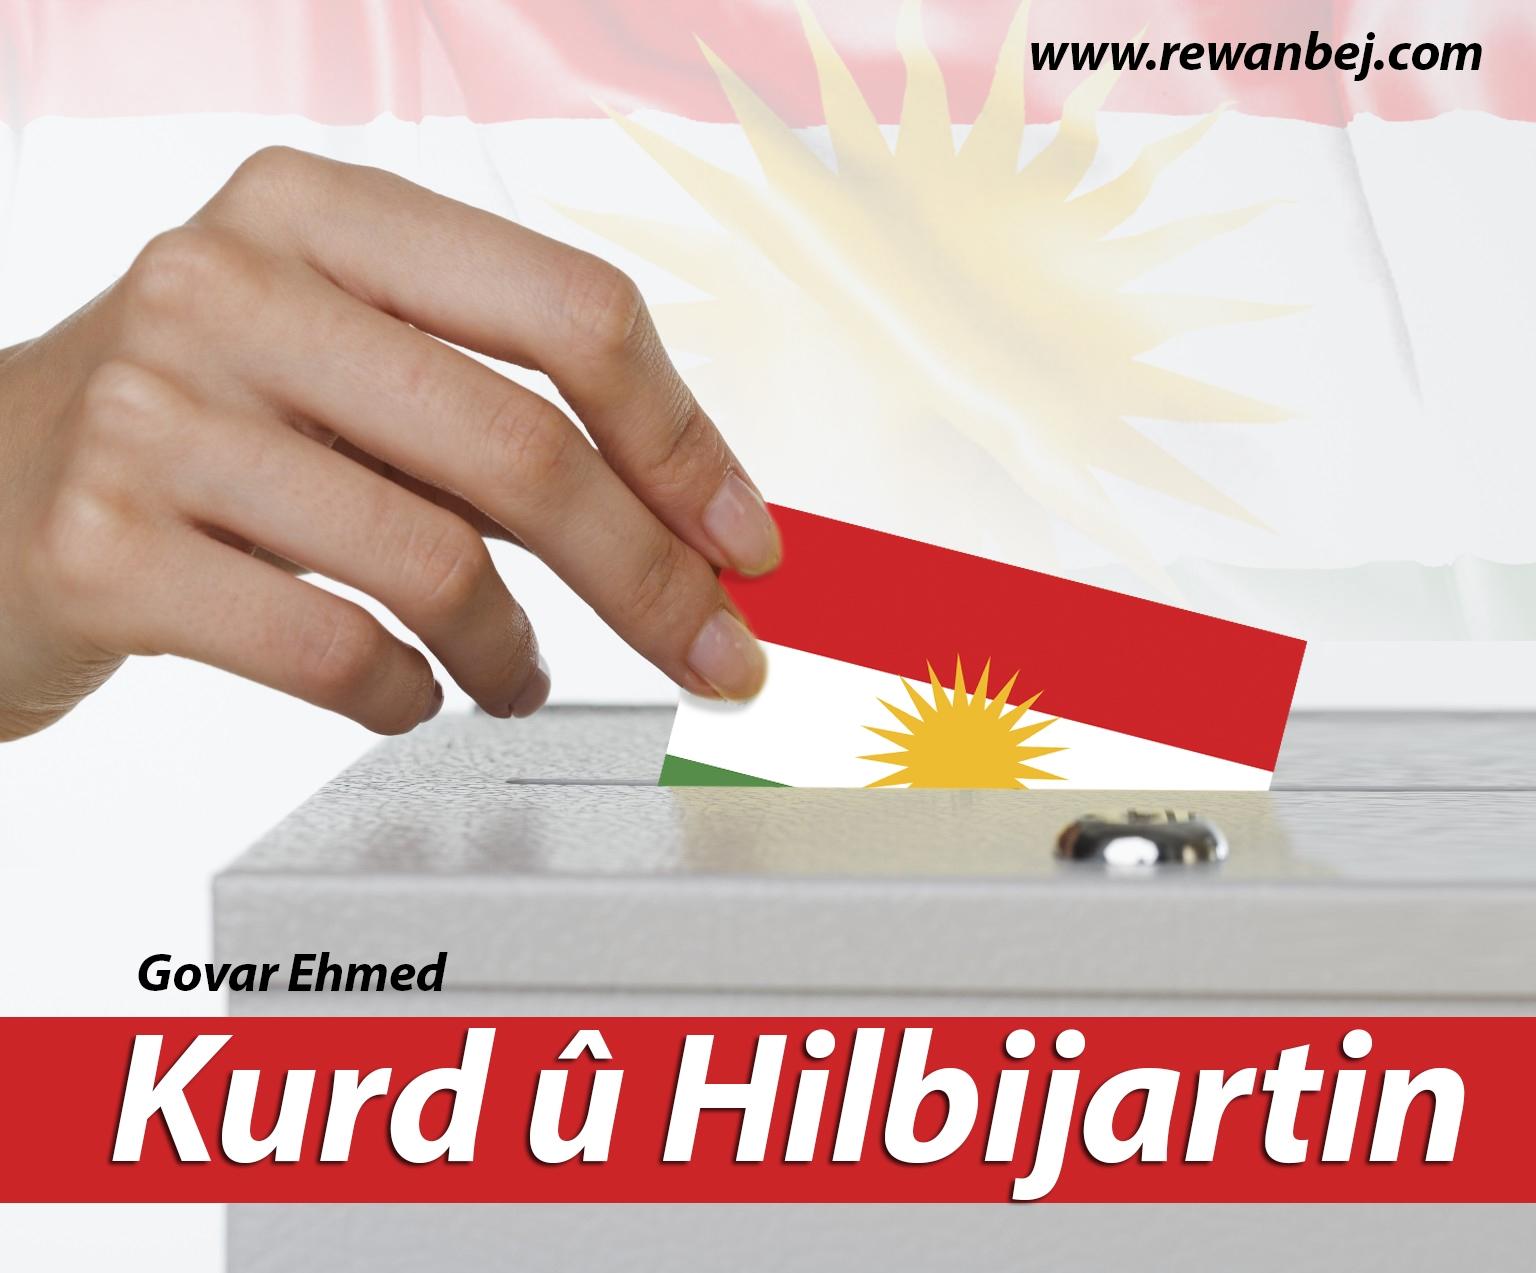 Kurd û Hilbijartin